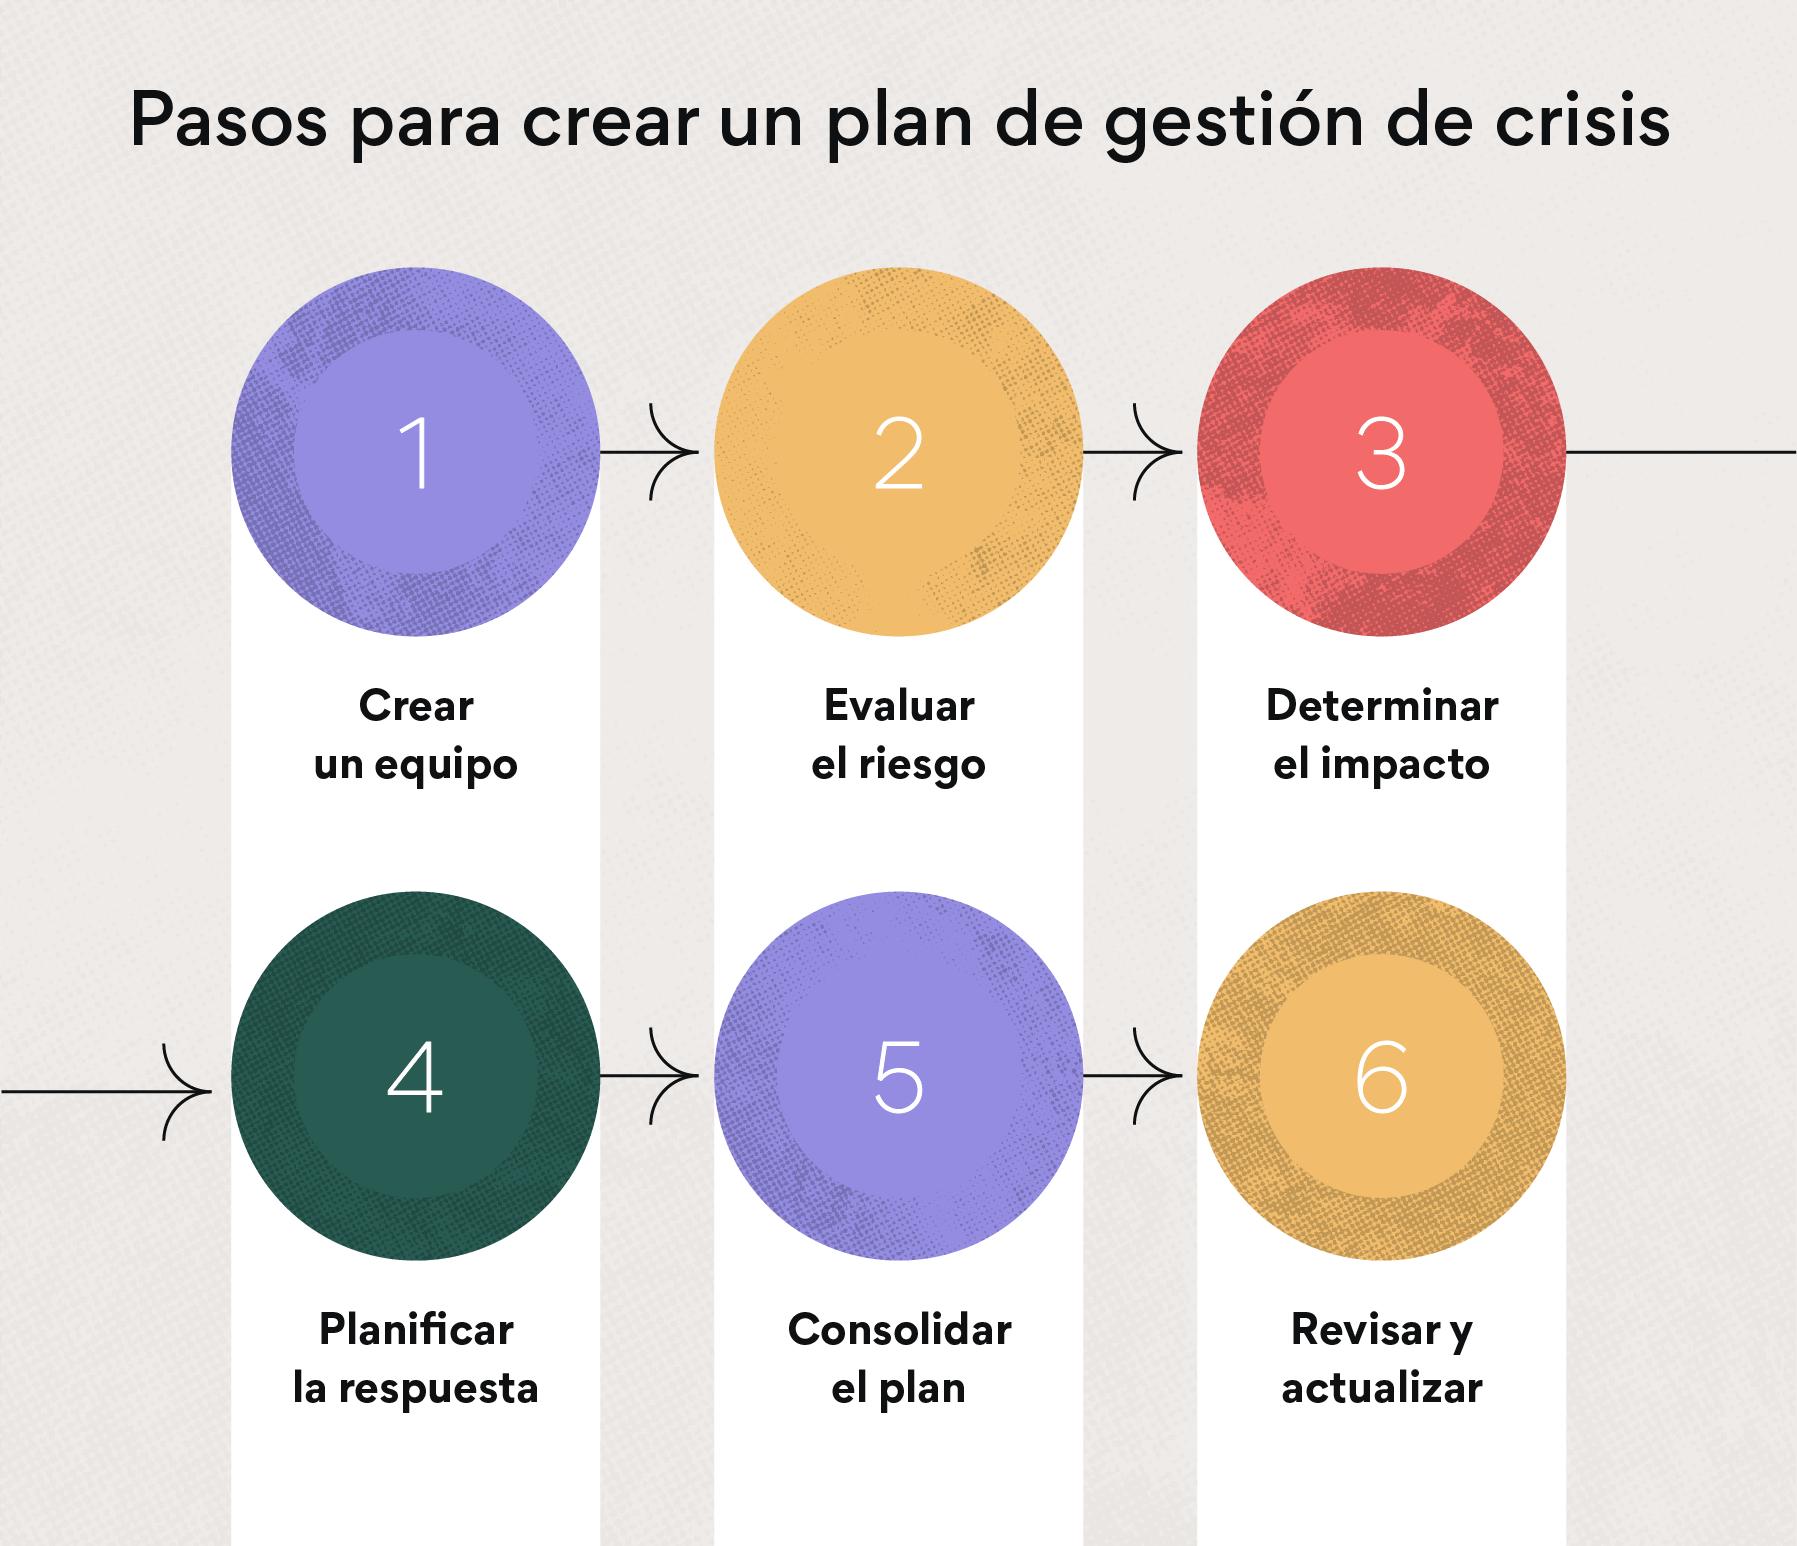 6 pasos para crear un plan de gestión de crisis